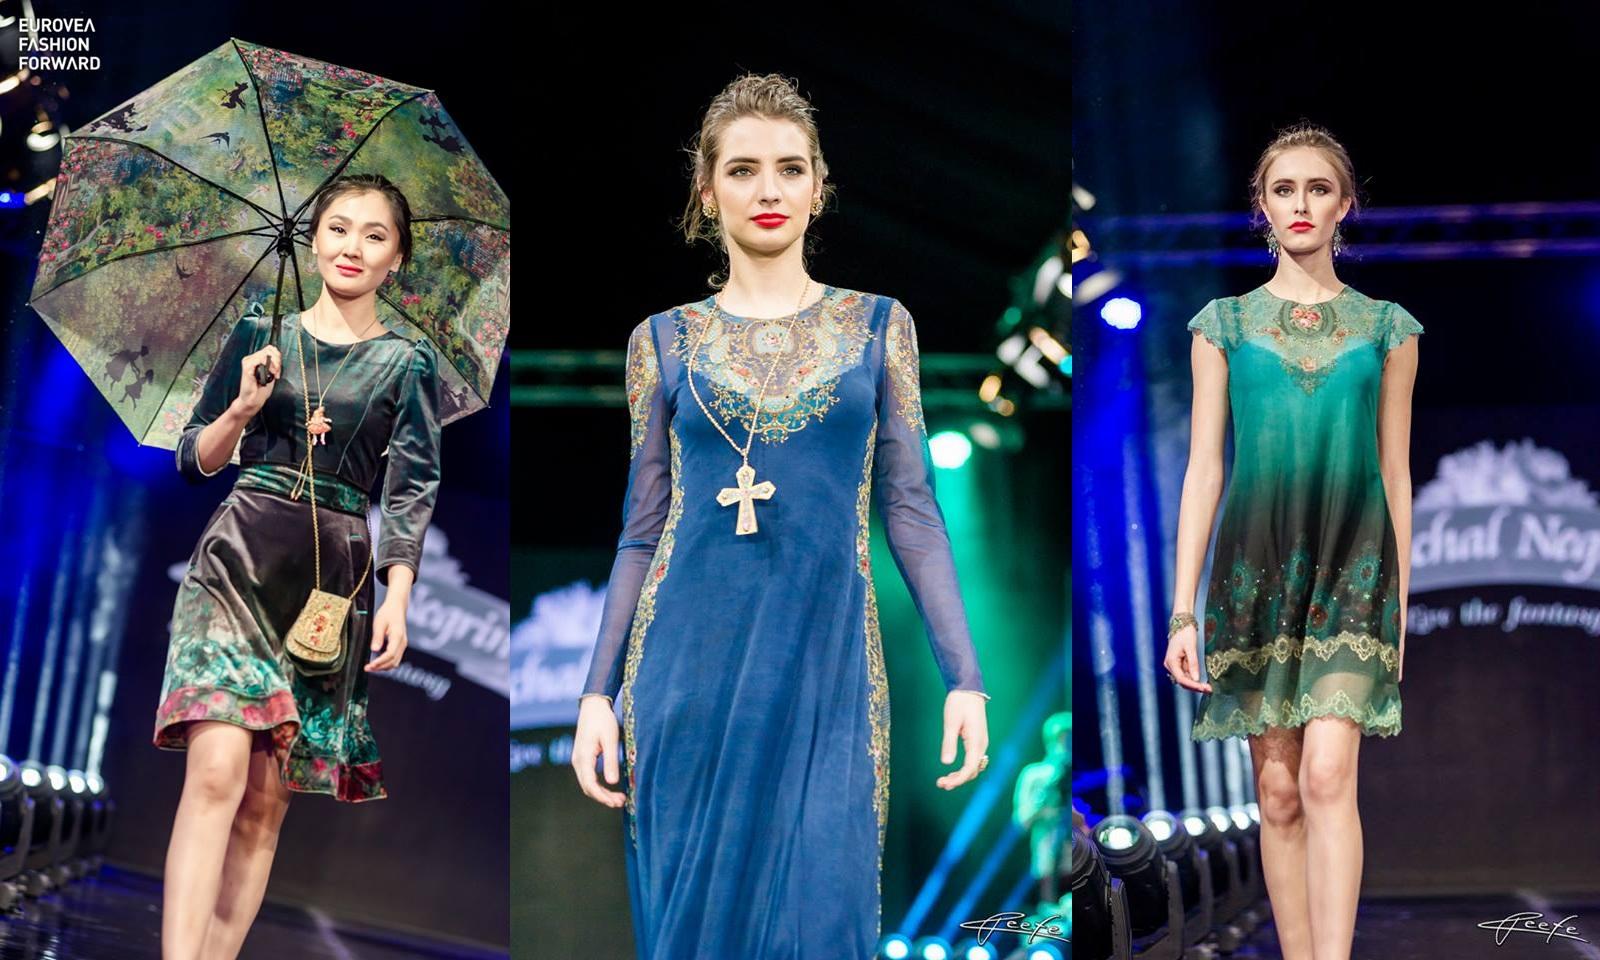 4ff8d3e49 ... Eurovea Fashion Forward. michal_negrin_eurovea_fashion_forward_mmagazin